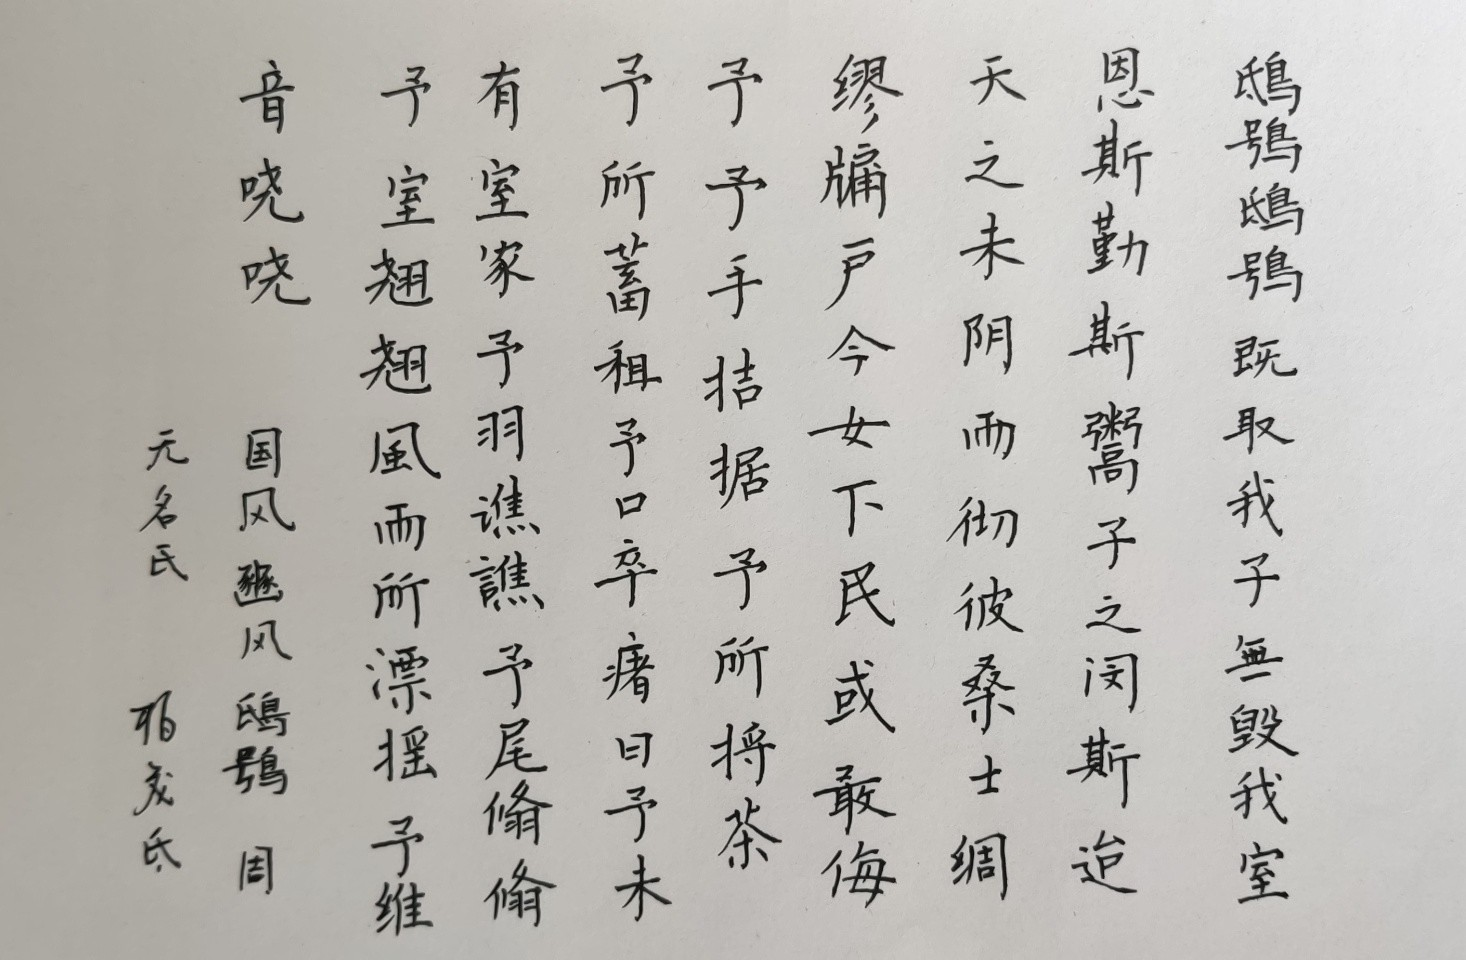 钢笔书法练字打卡20210427-18